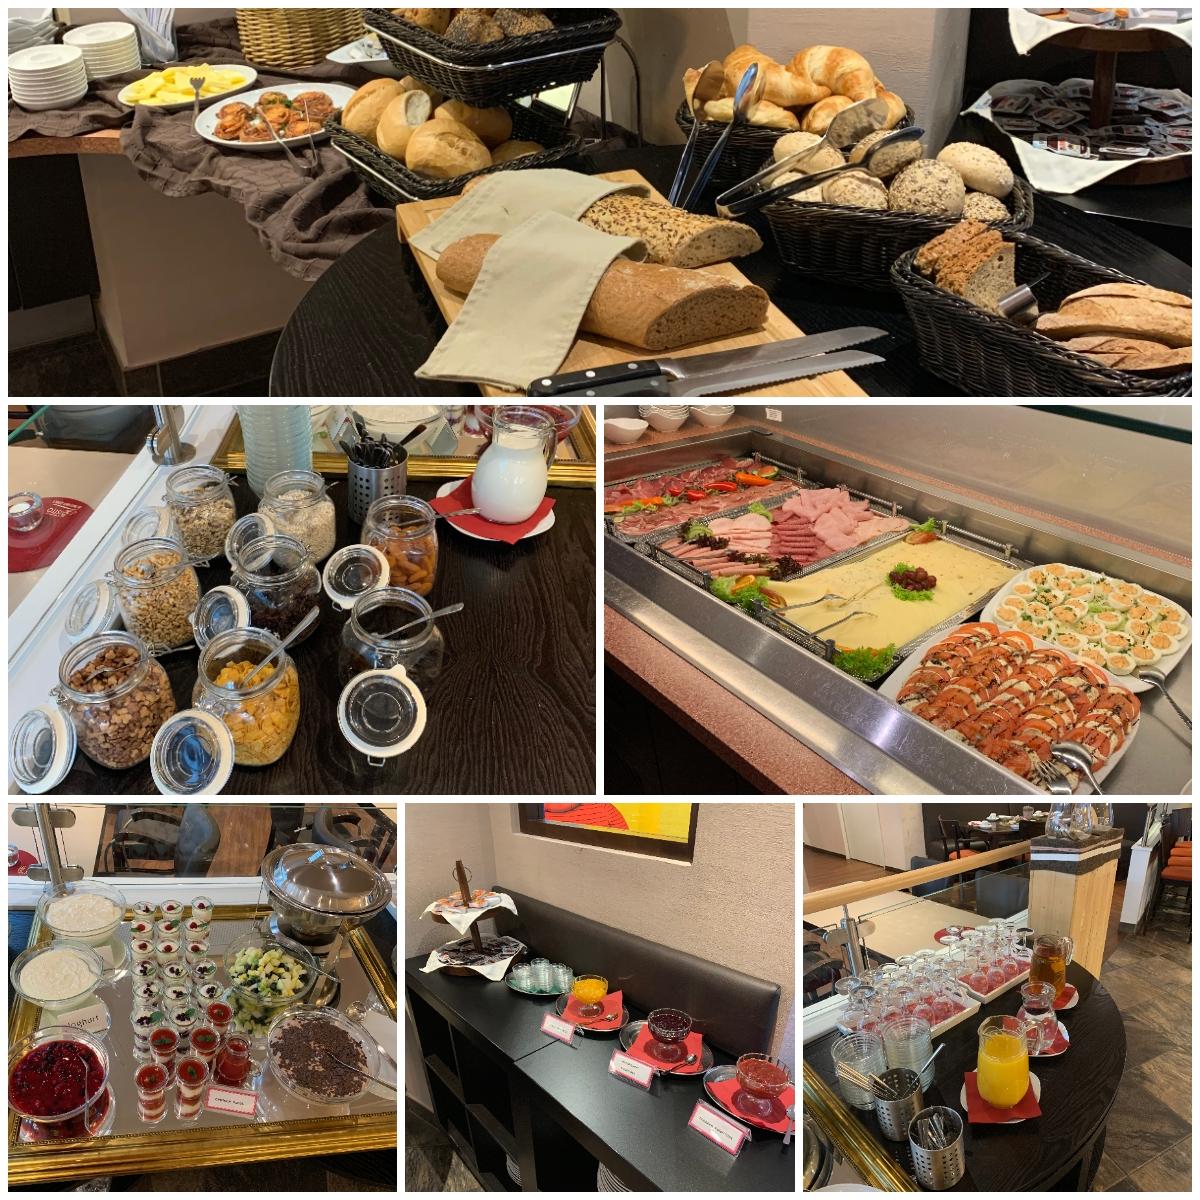 Frühstücksbuffet im Bistro Modehaus Schulte